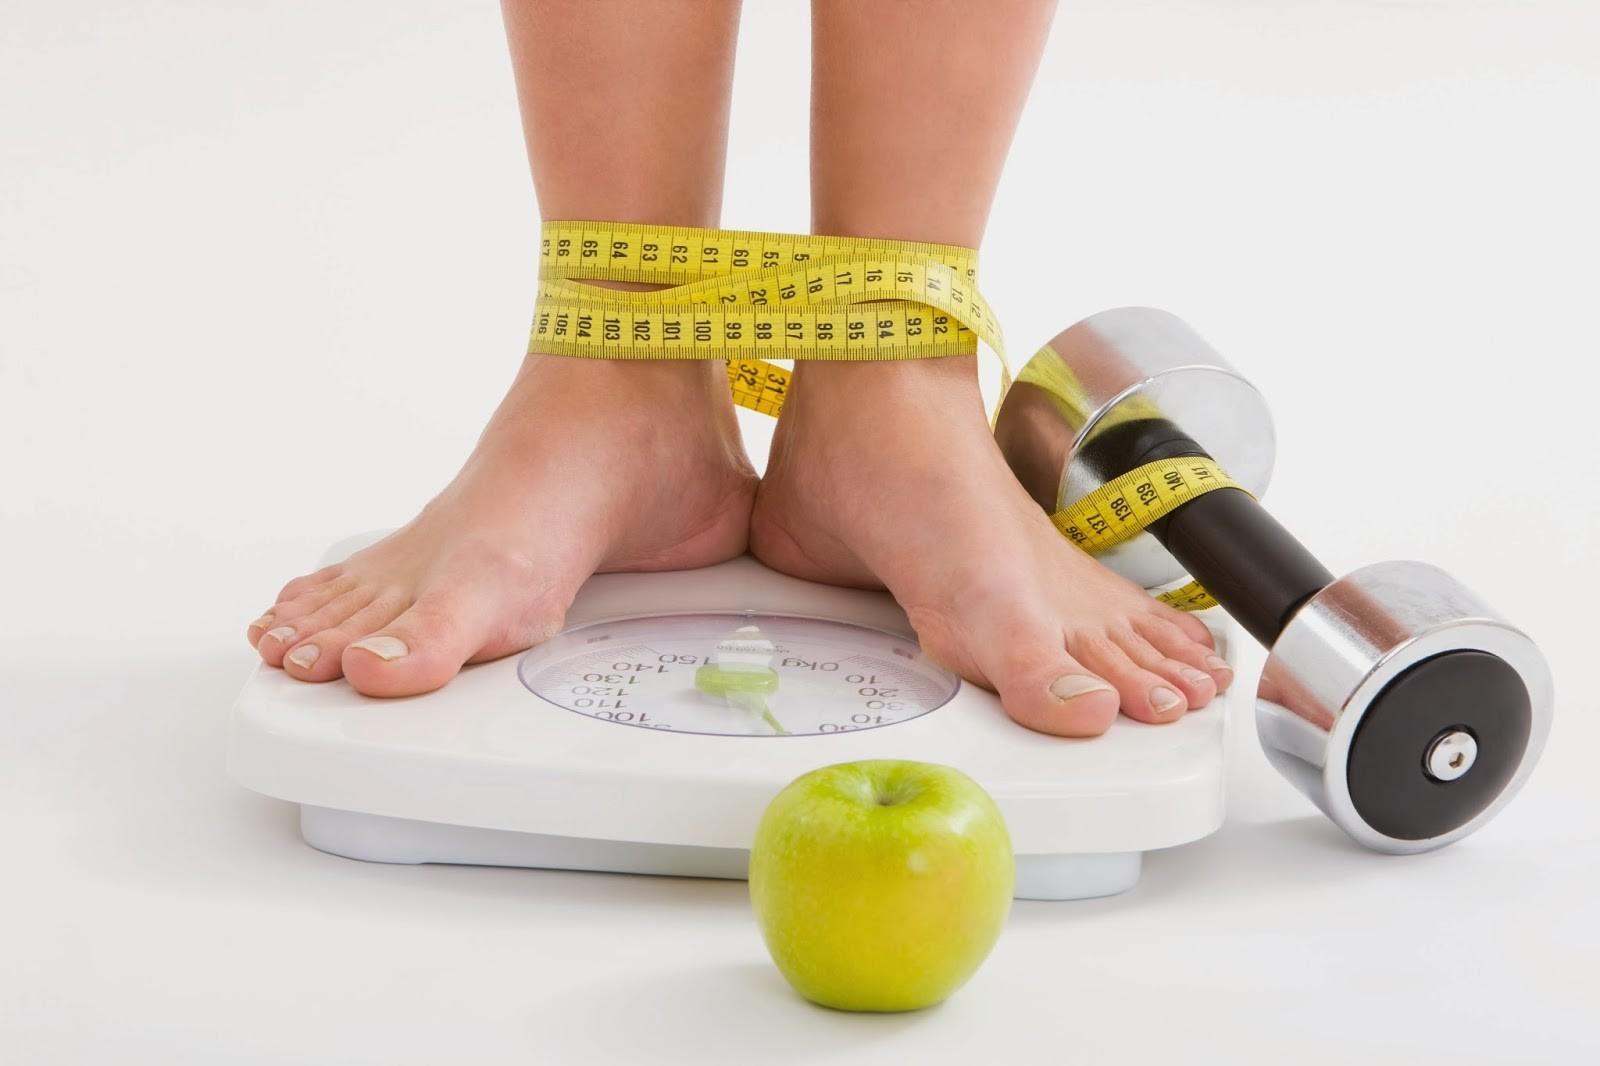 نتيجة بحث الصور عن زيادة الوزن